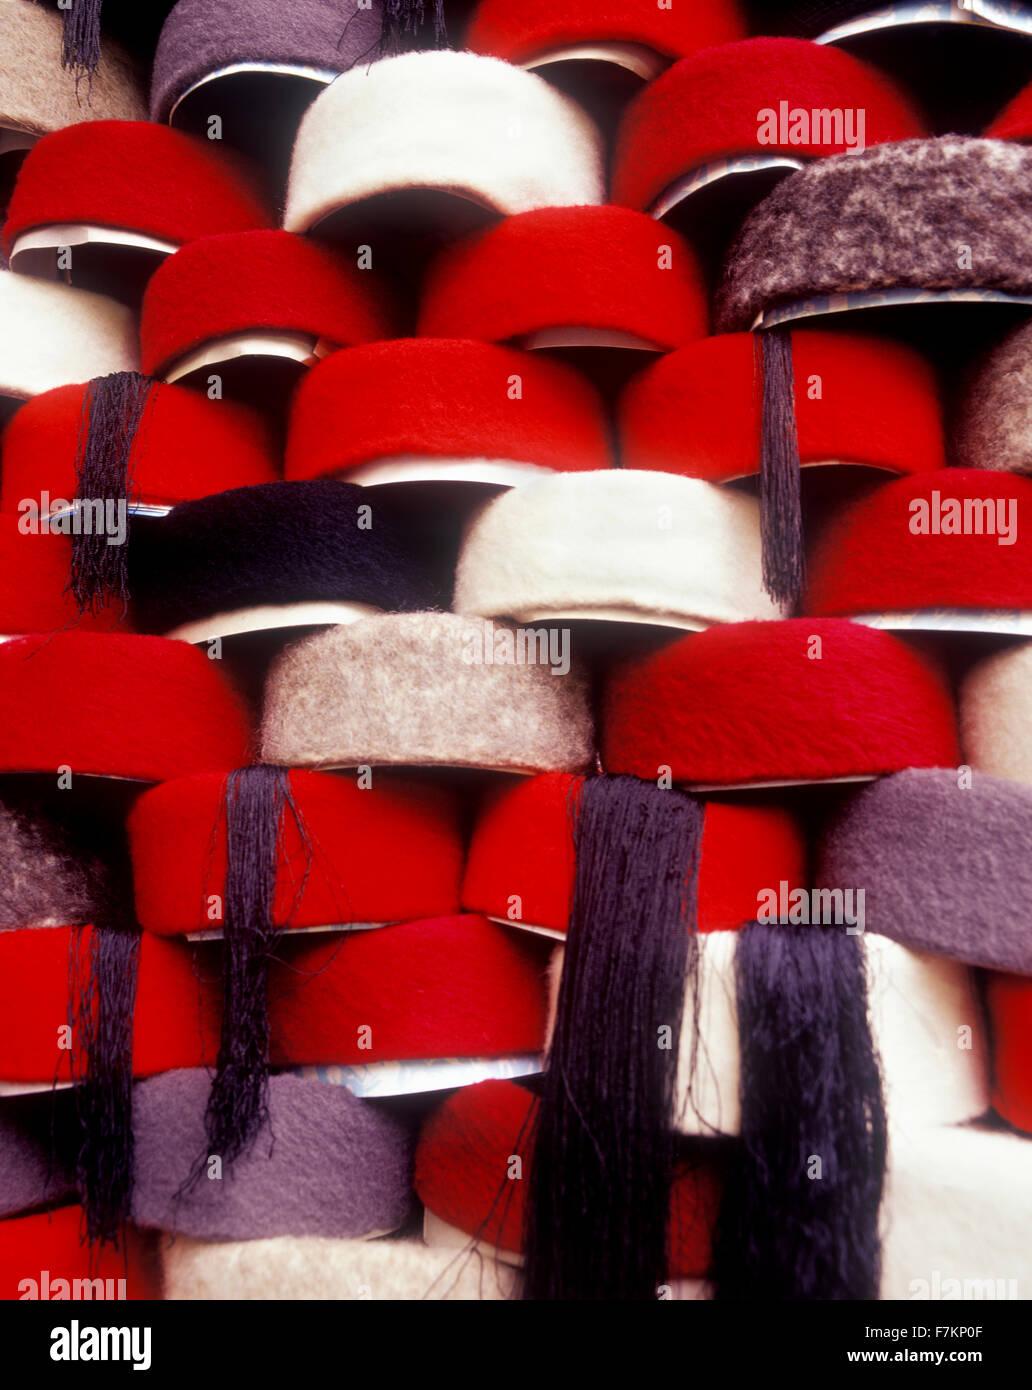 Sombreros en estanterías en el zoco de Túnez. Túnez es la capital de Túnez. En el norte de África. Imagen De Stock